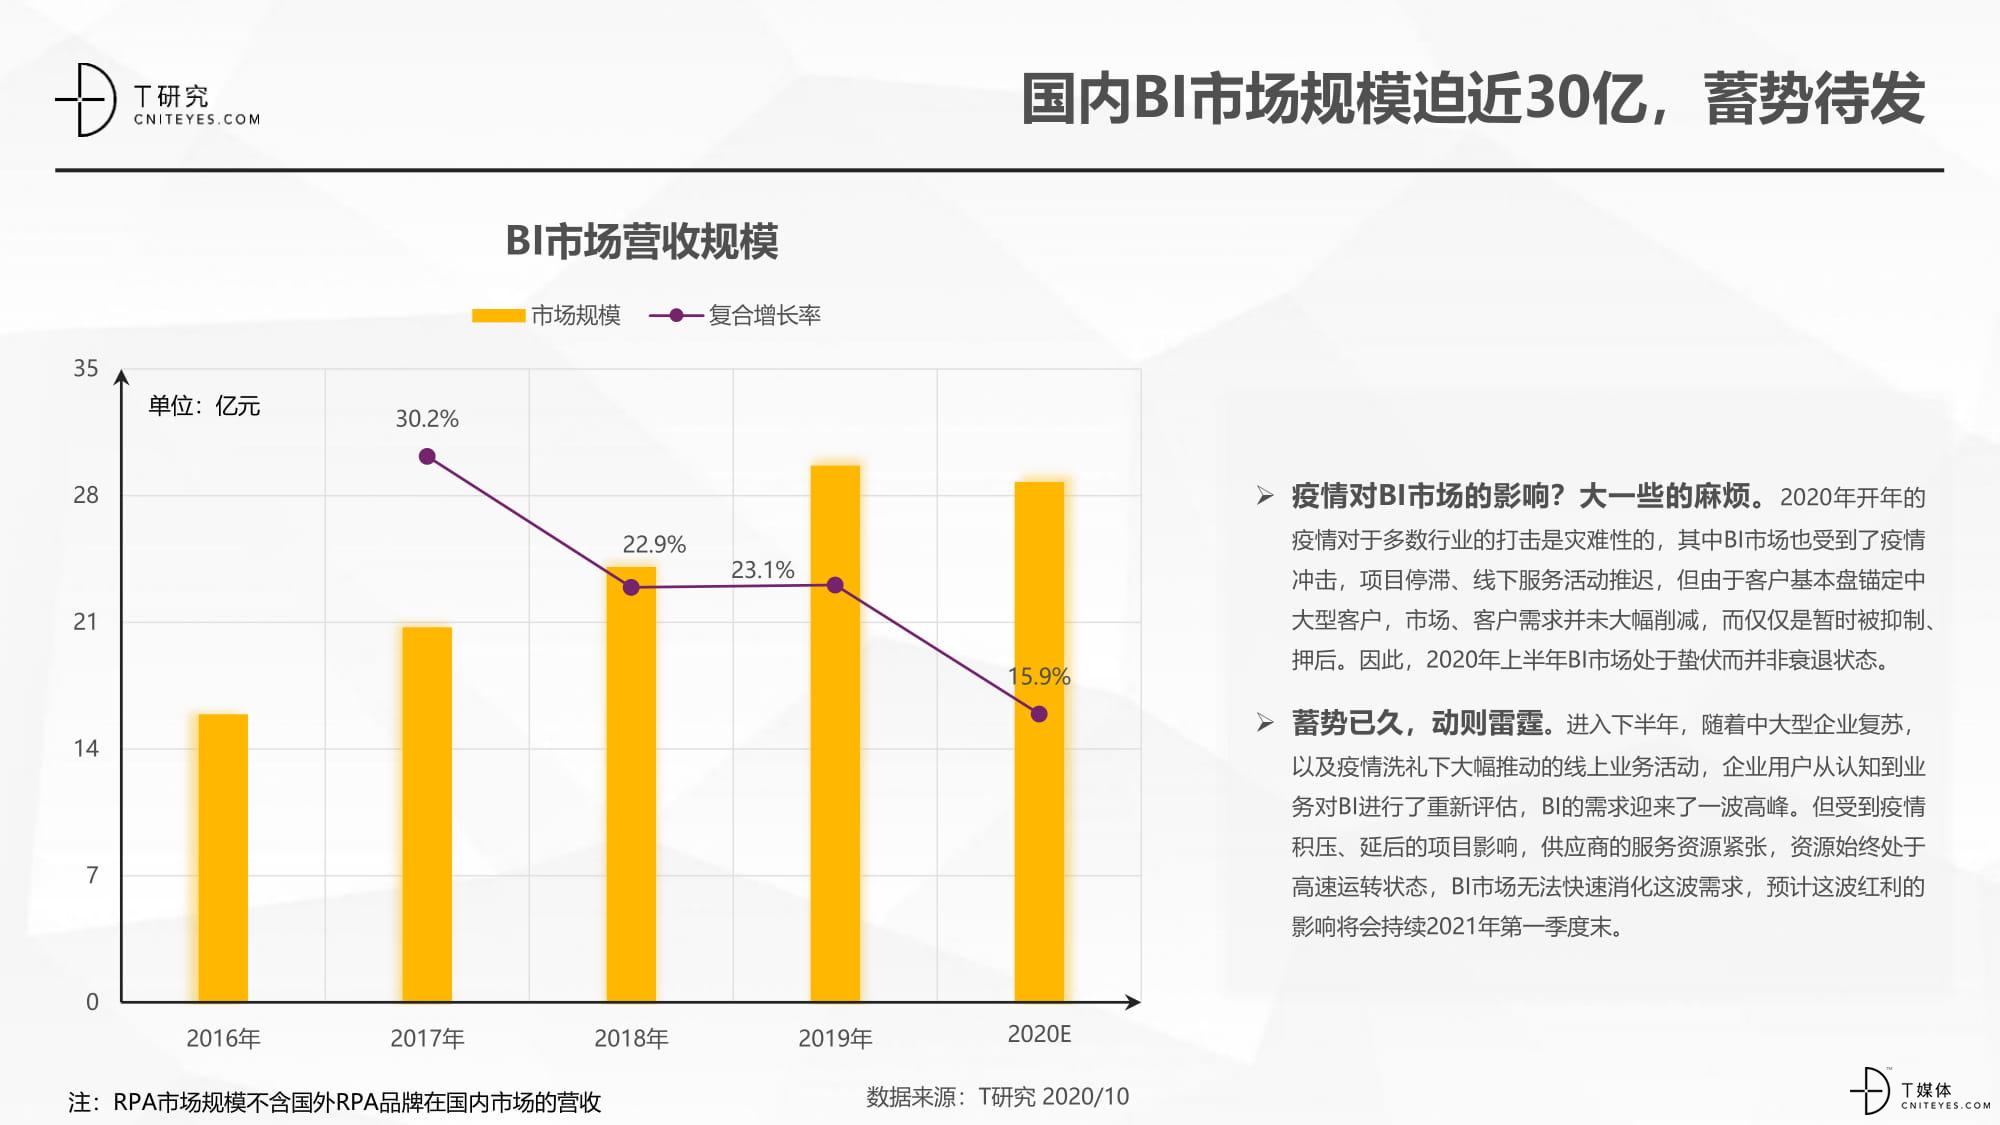 2020中国BI指数测评报告-06.jpg